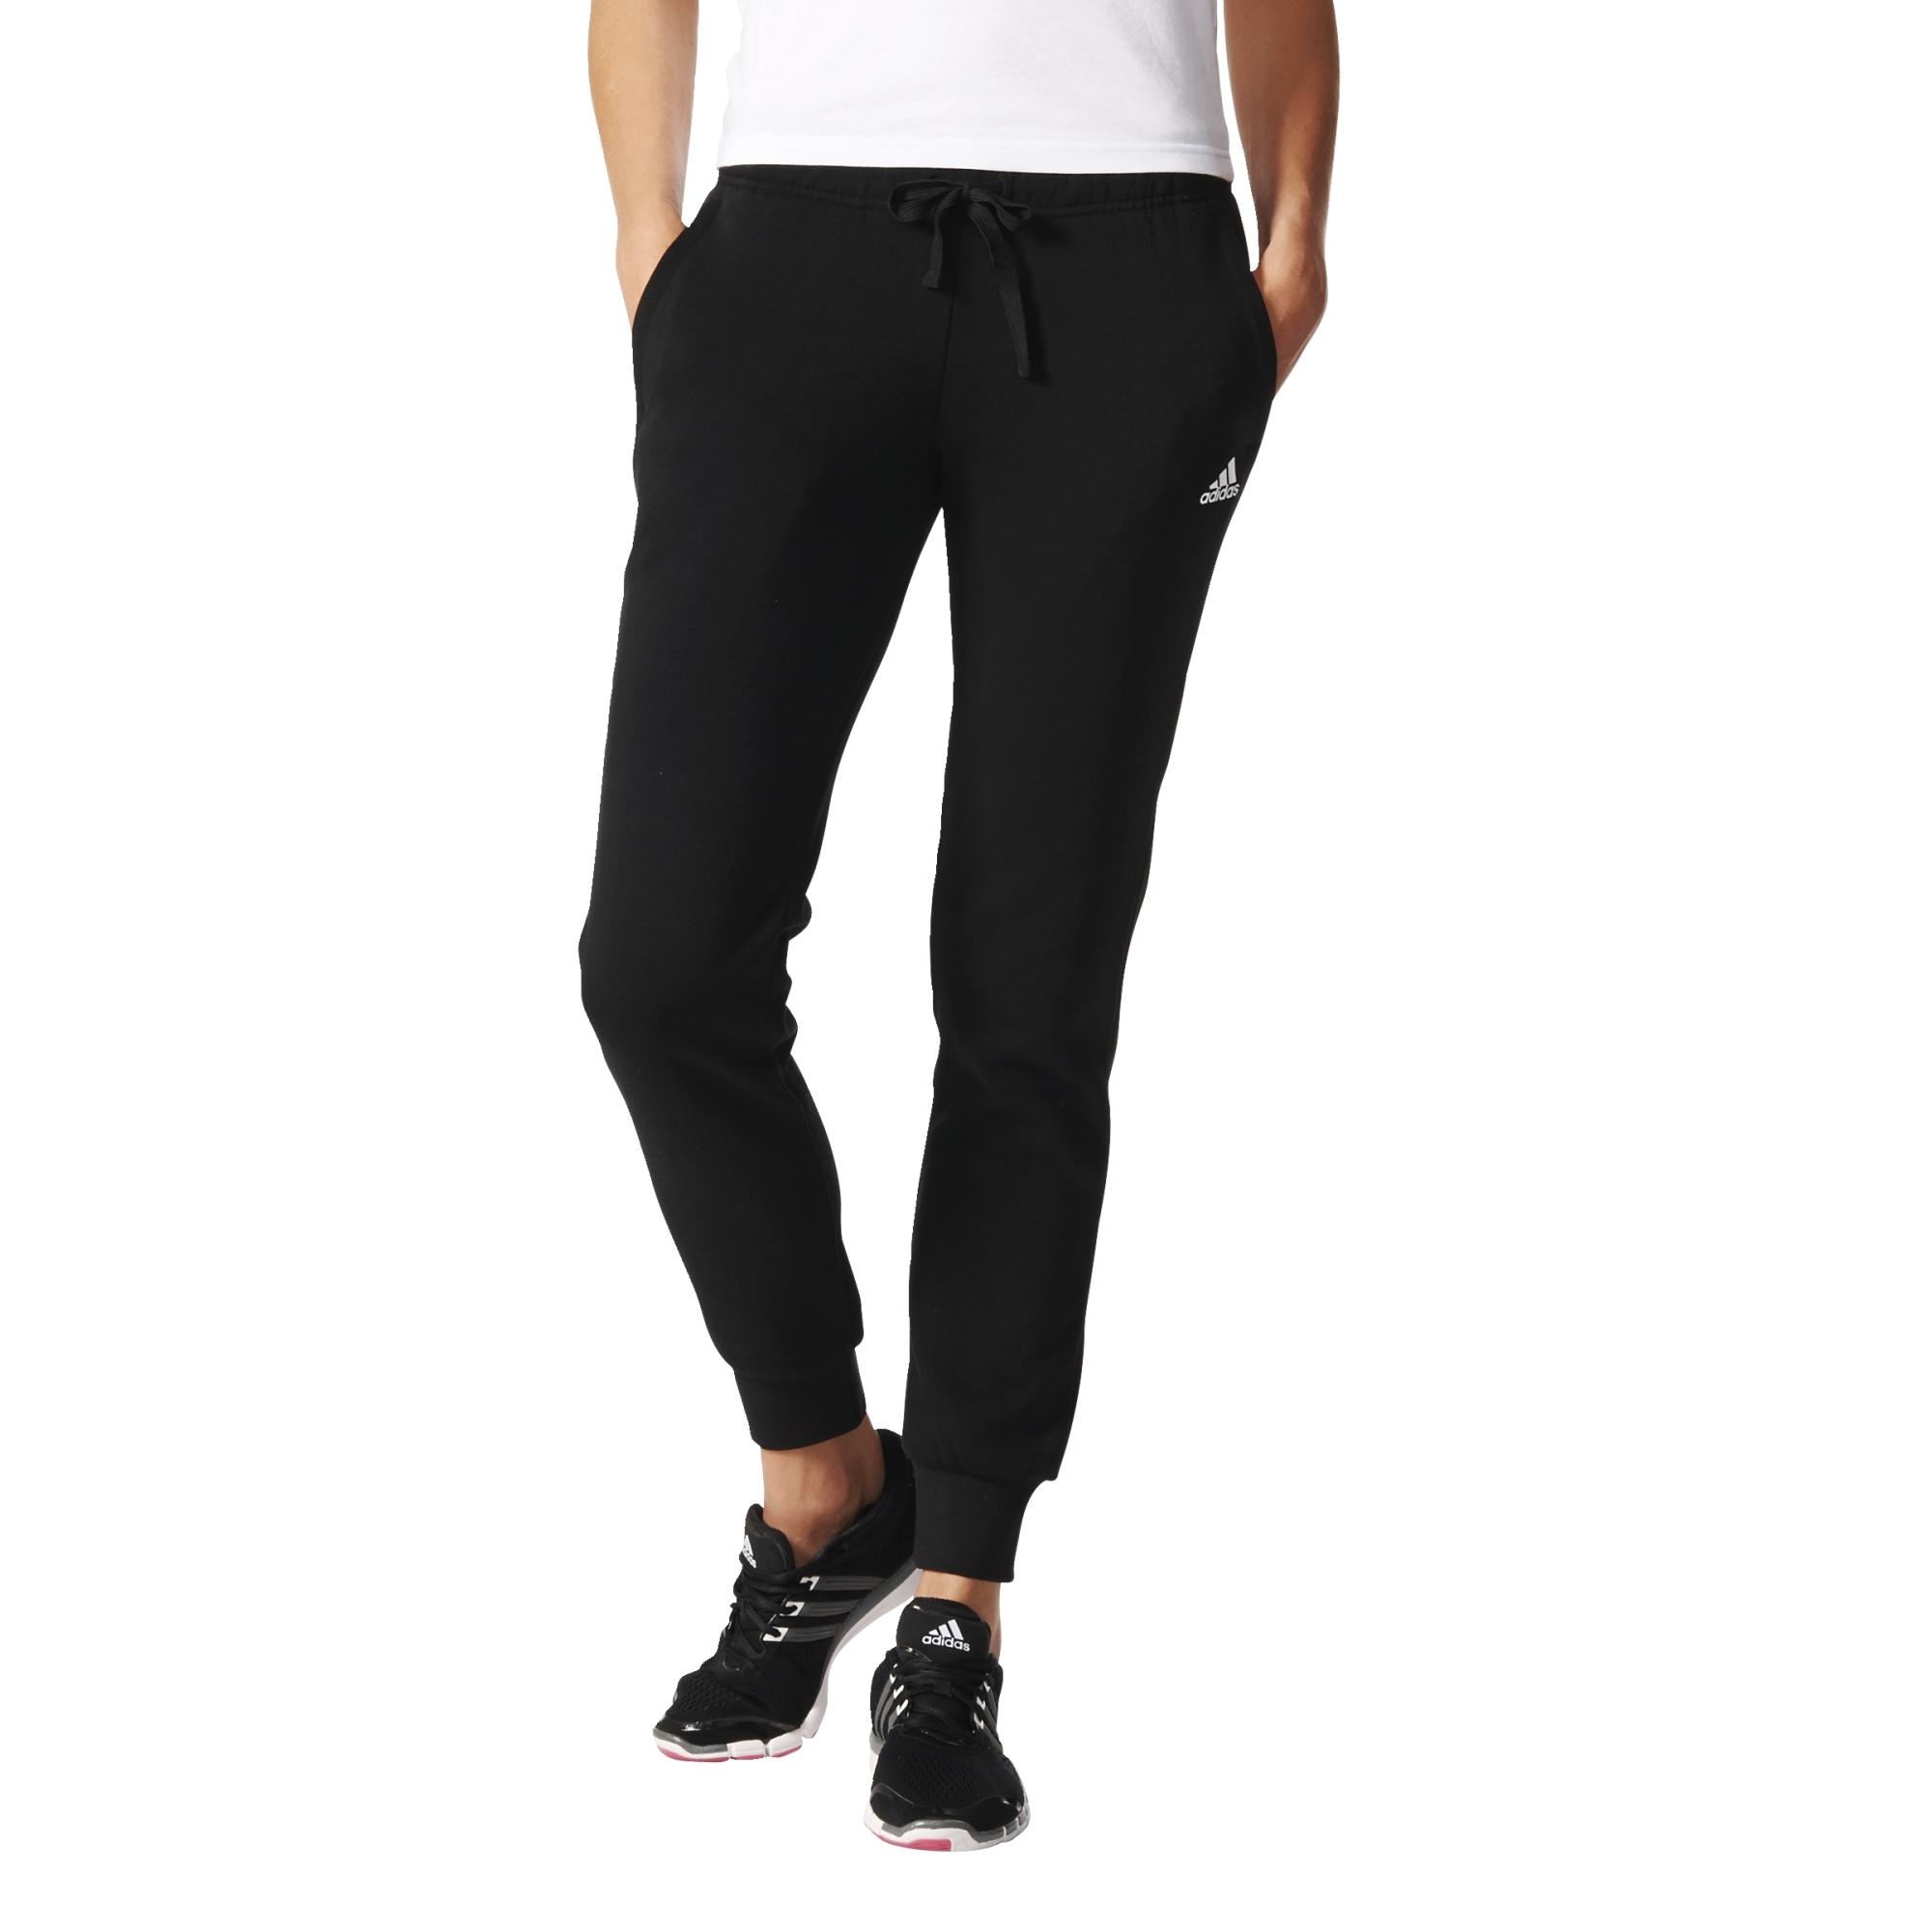 adidas jogginghose ess solid damen. Black Bedroom Furniture Sets. Home Design Ideas